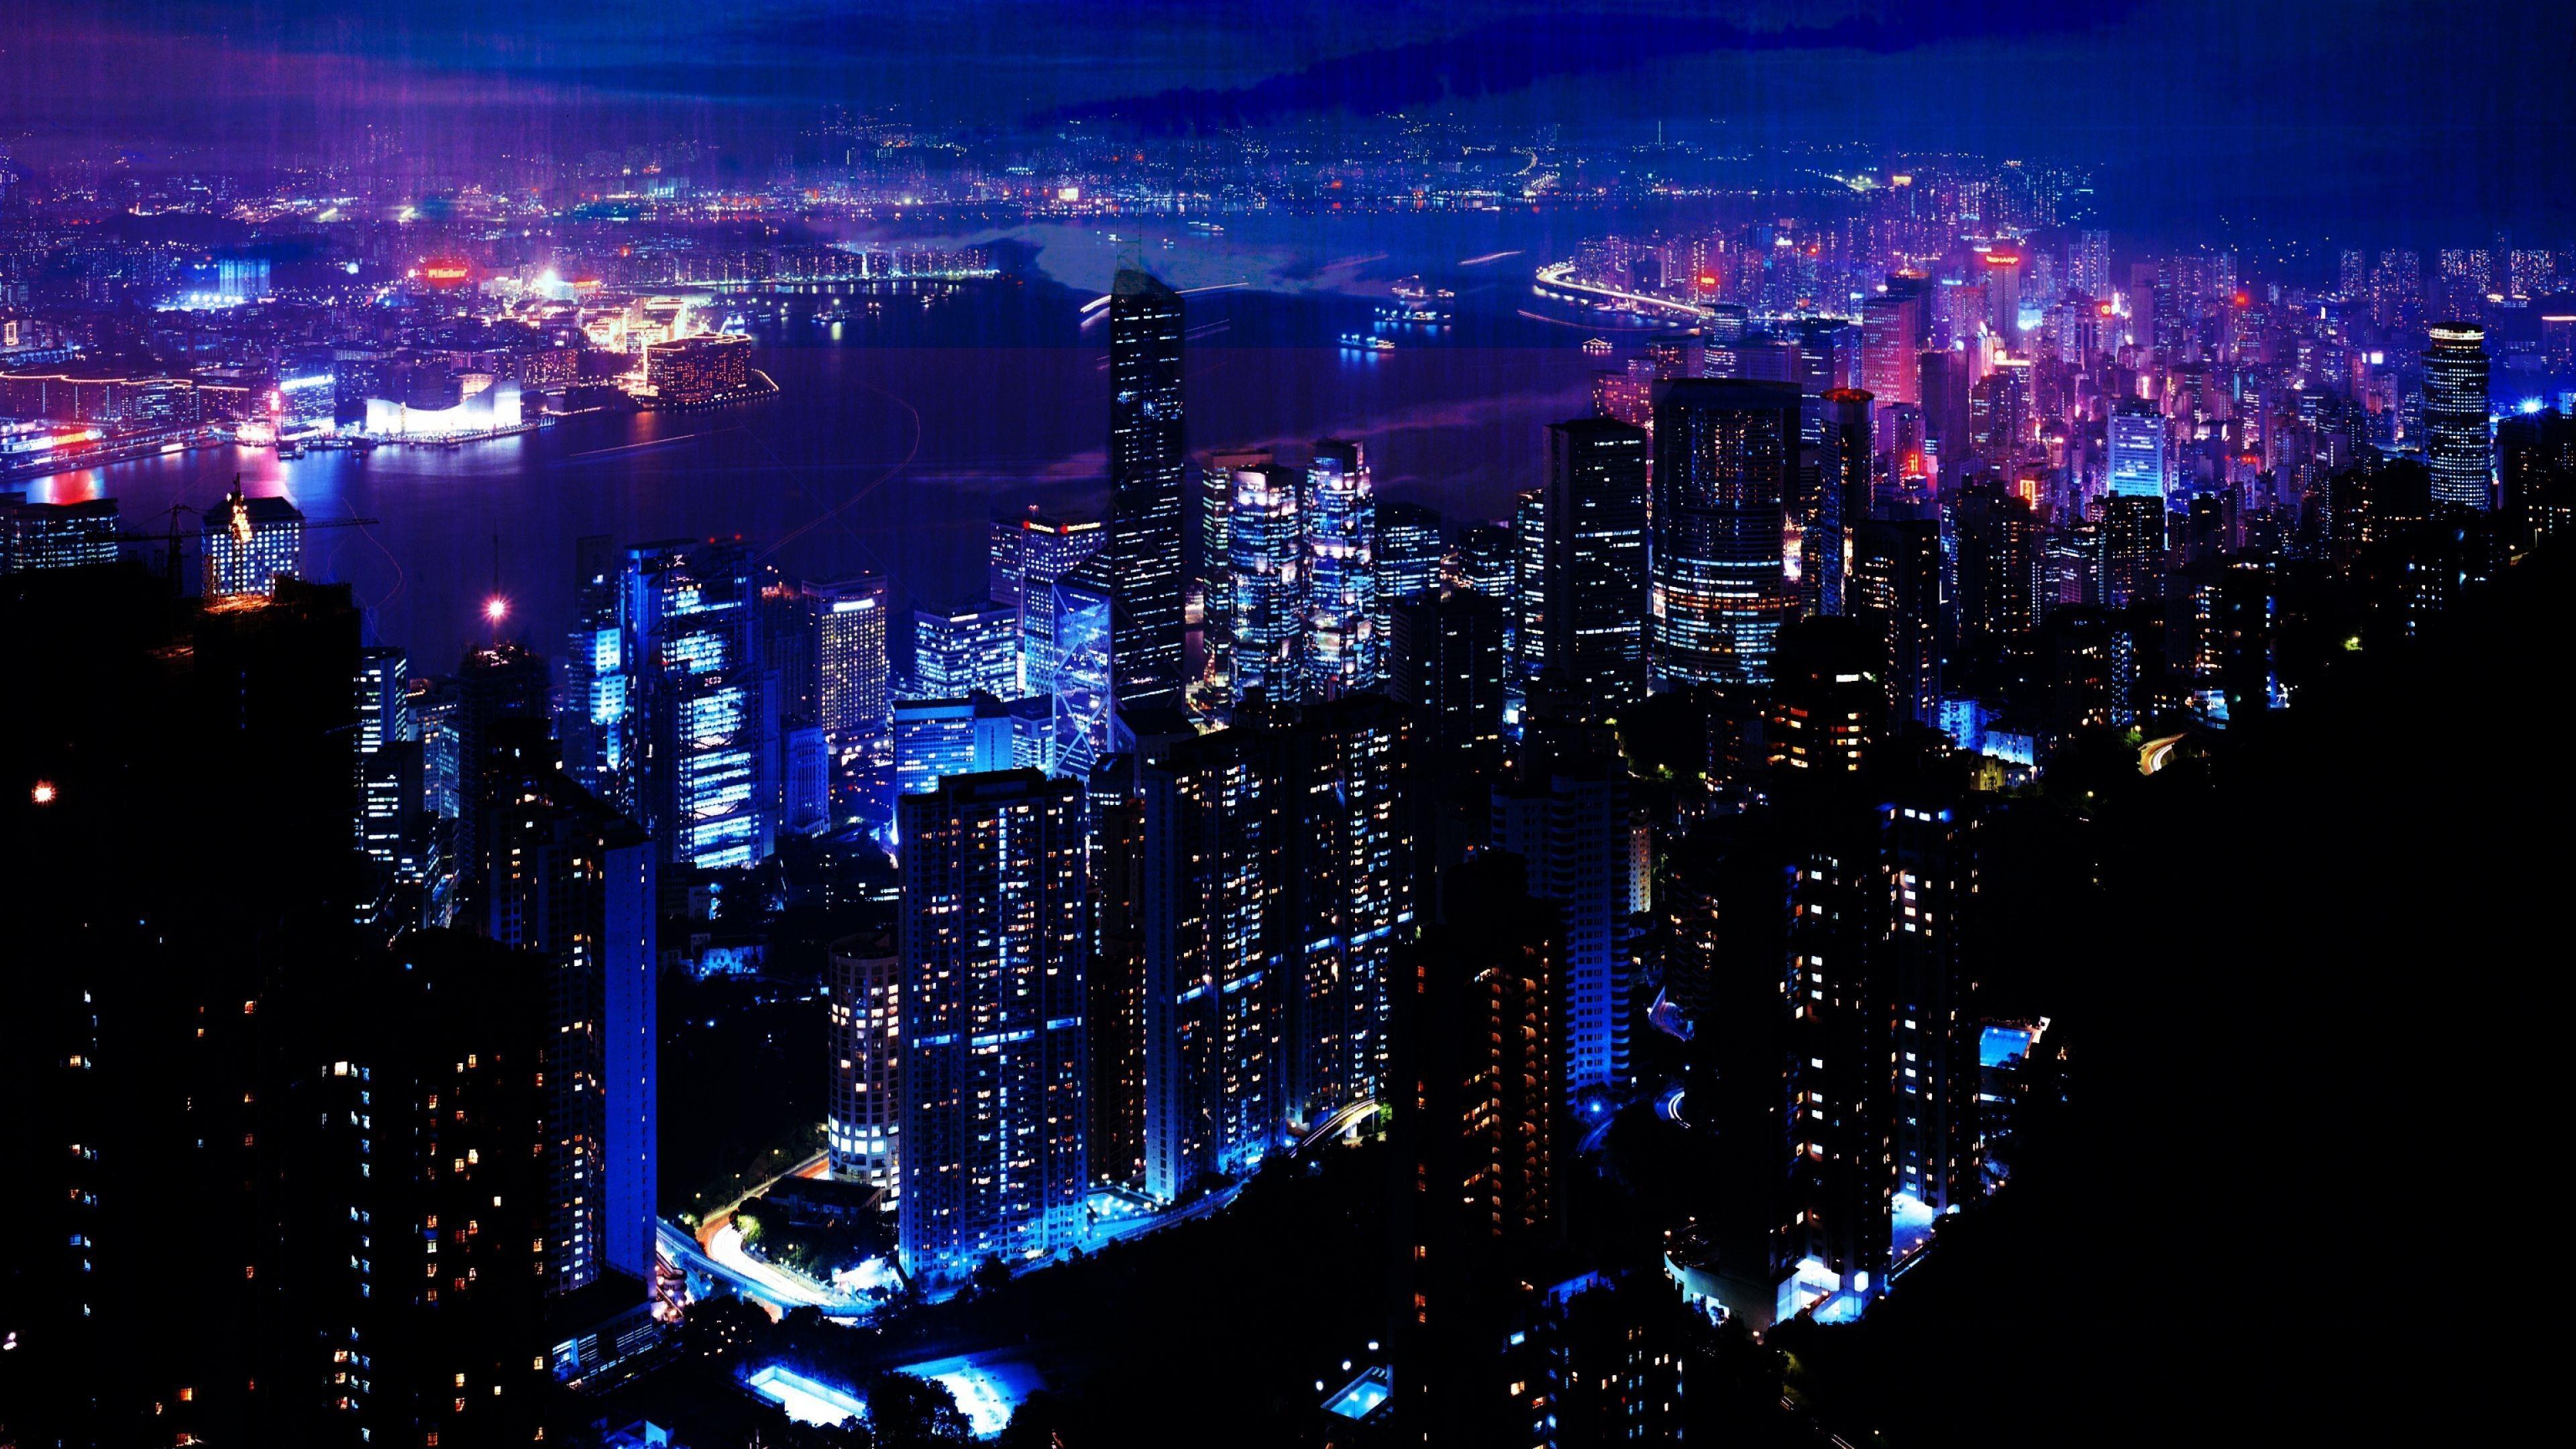 Download Wallpaper Night, City, Sky, Skyscrapers 4K .